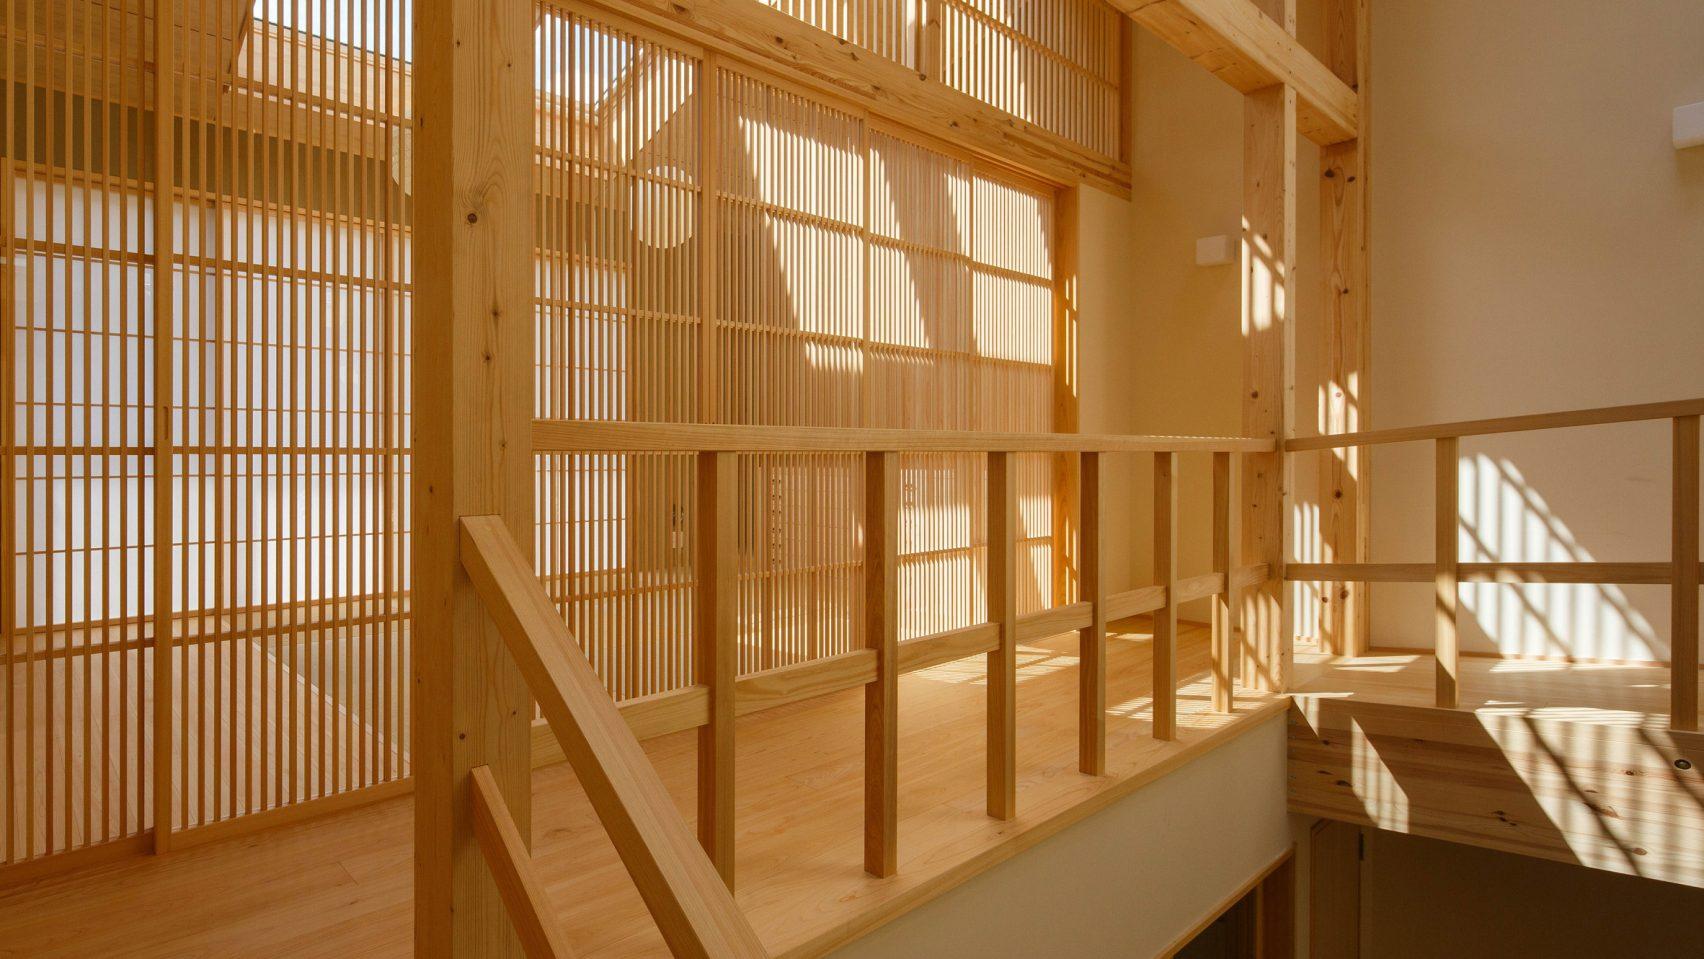 Nhà gỗ lắp ghép